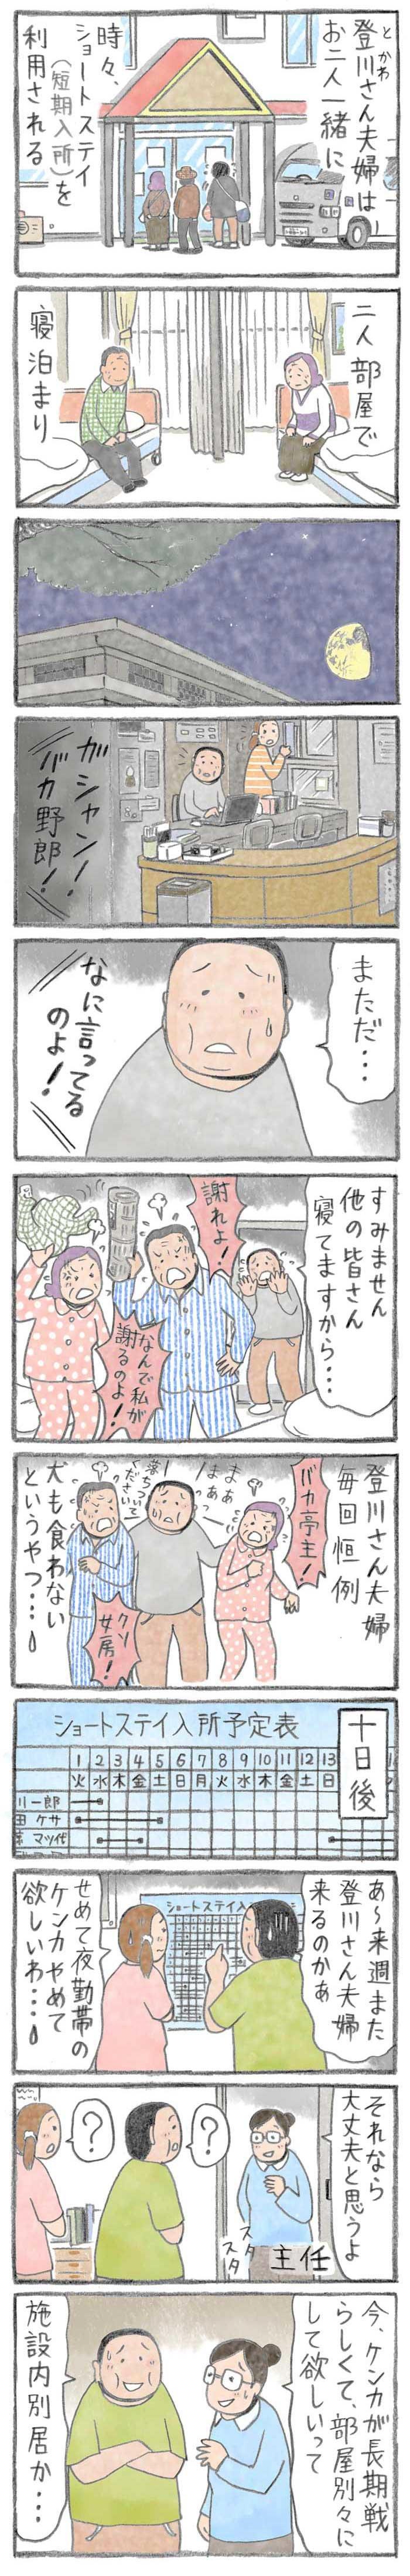 施設内別居.jpg